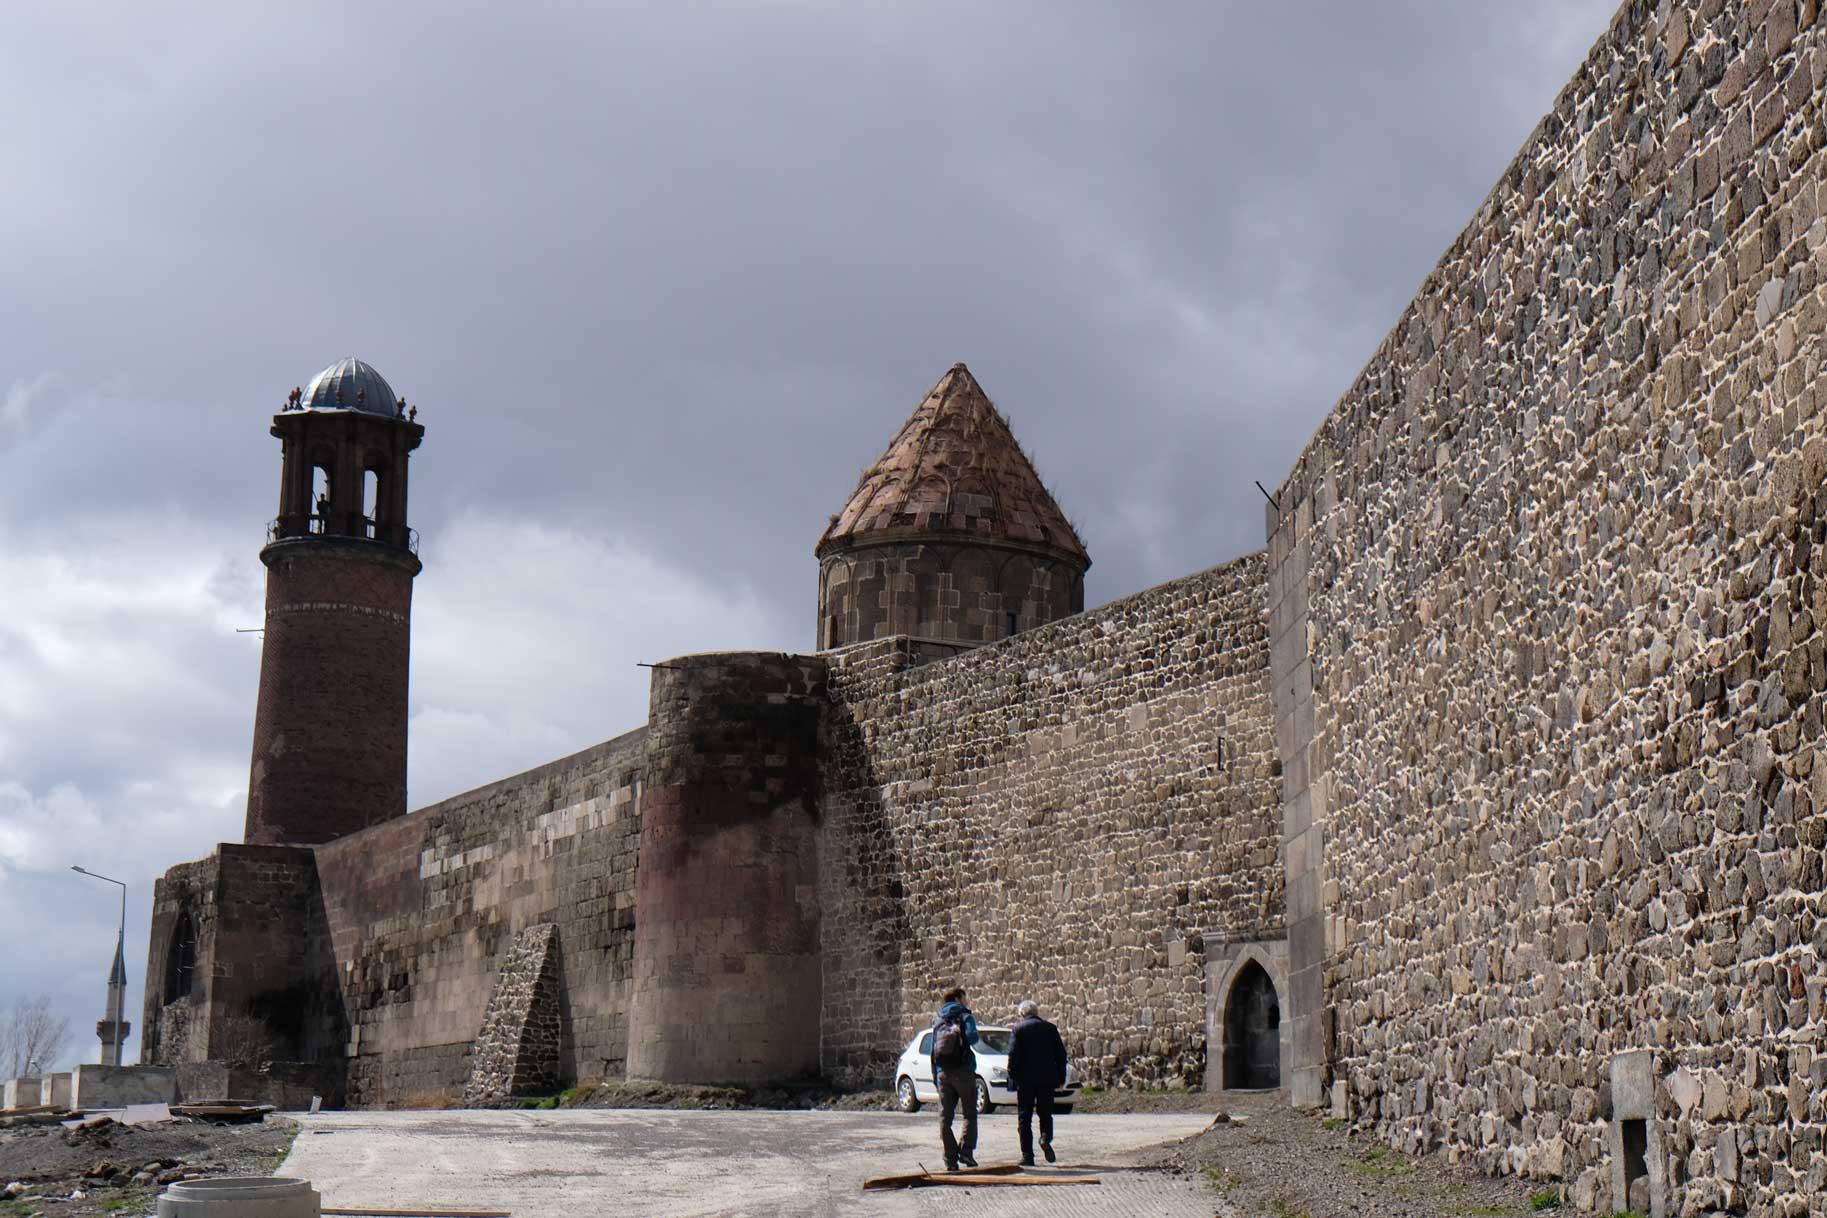 """Obwohl """"geschlossen"""" an der Türe steht, lotst uns Fesih in die Zitadelle, die überraschend doch nicht geschlossen ist..."""